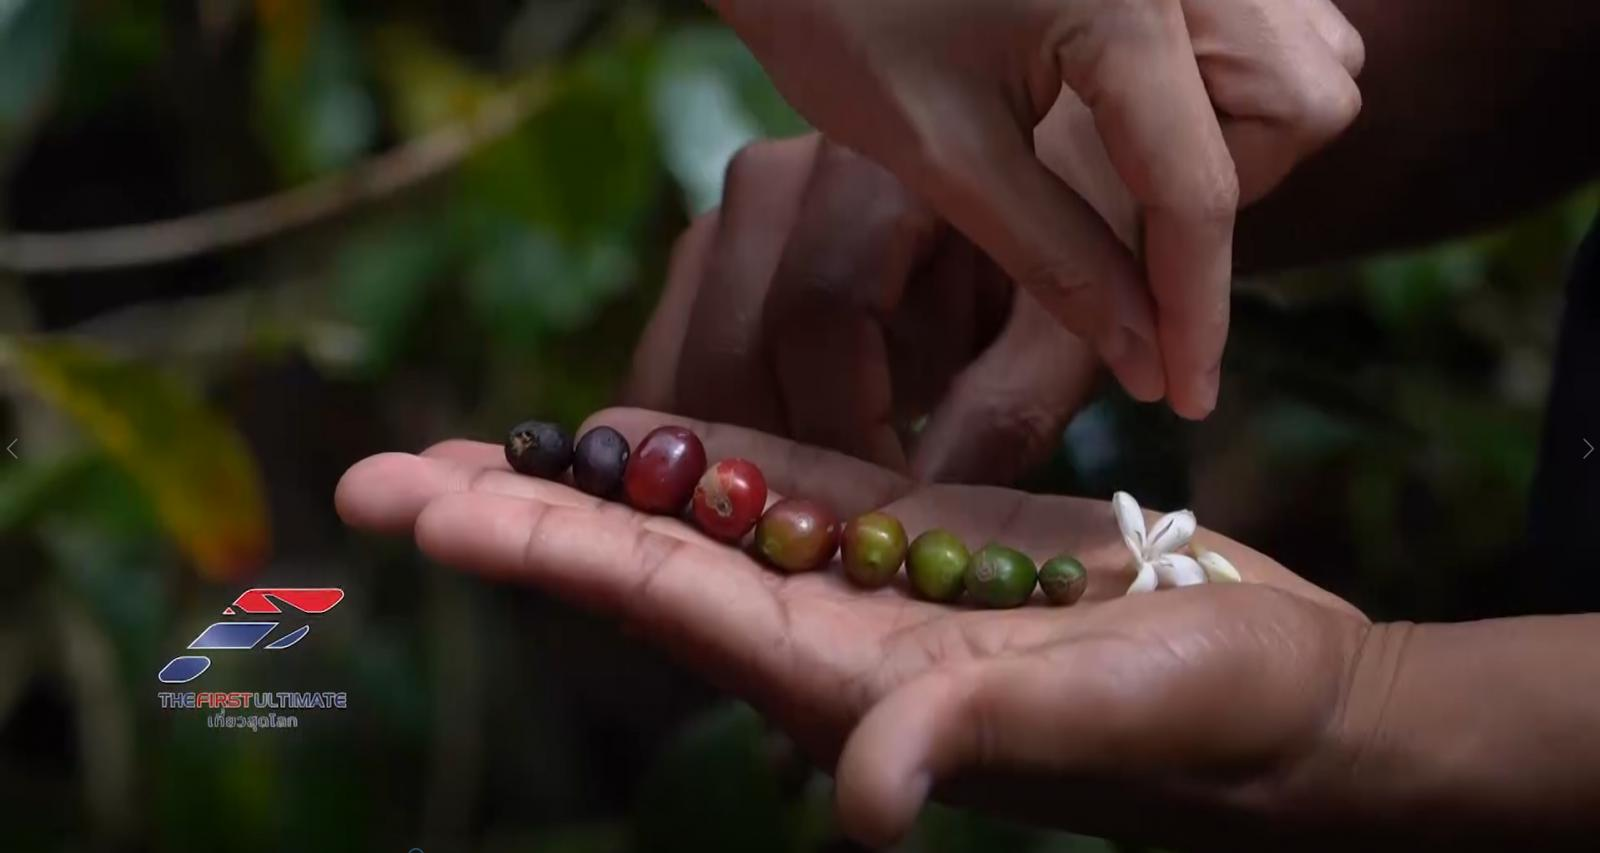 ตะลุยปานามา ค้นหากาแฟแพงที่สุดในโลก